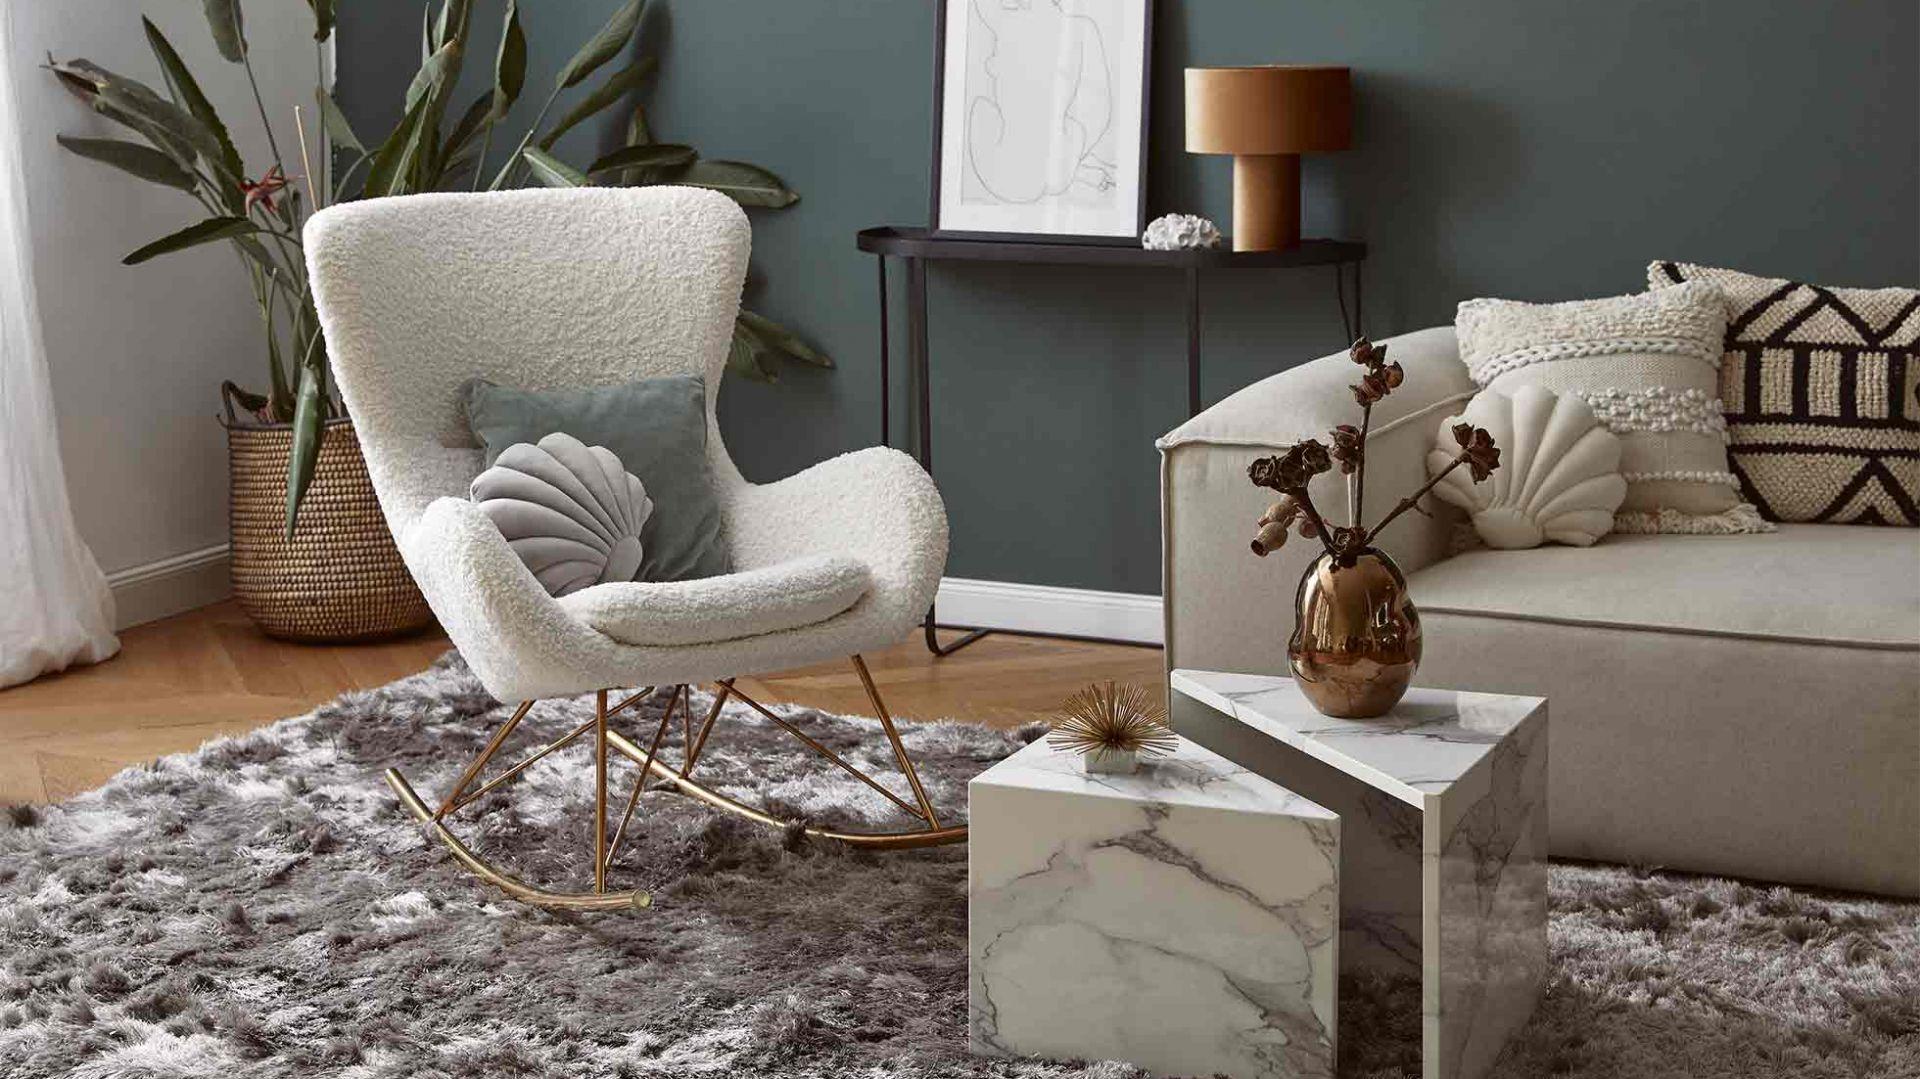 Świat tekstyliów całkowicie opanuje tkanina Teddy! Zawładnie sofami, krzesłami, fotelami. Fot Westwing.pl